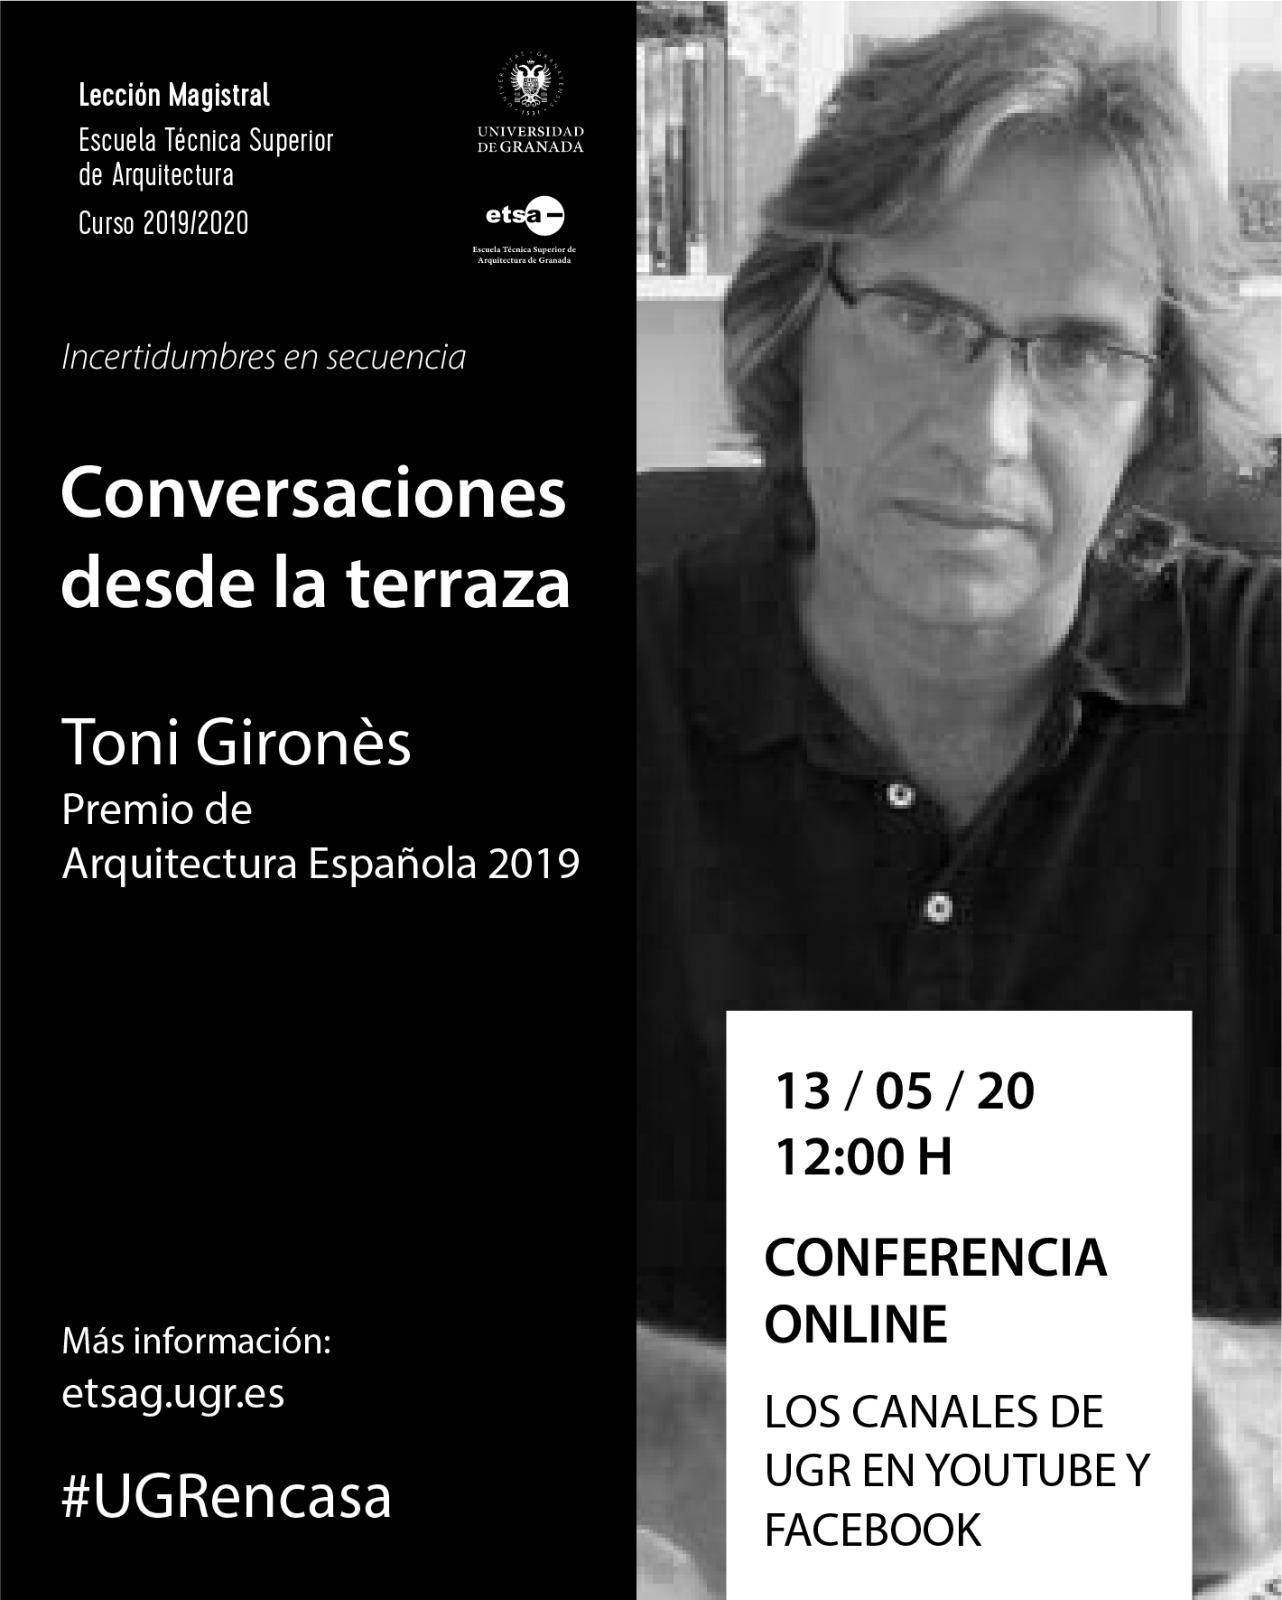 Conversaciones desde la terraza: videoconferencia con Toni Gironés